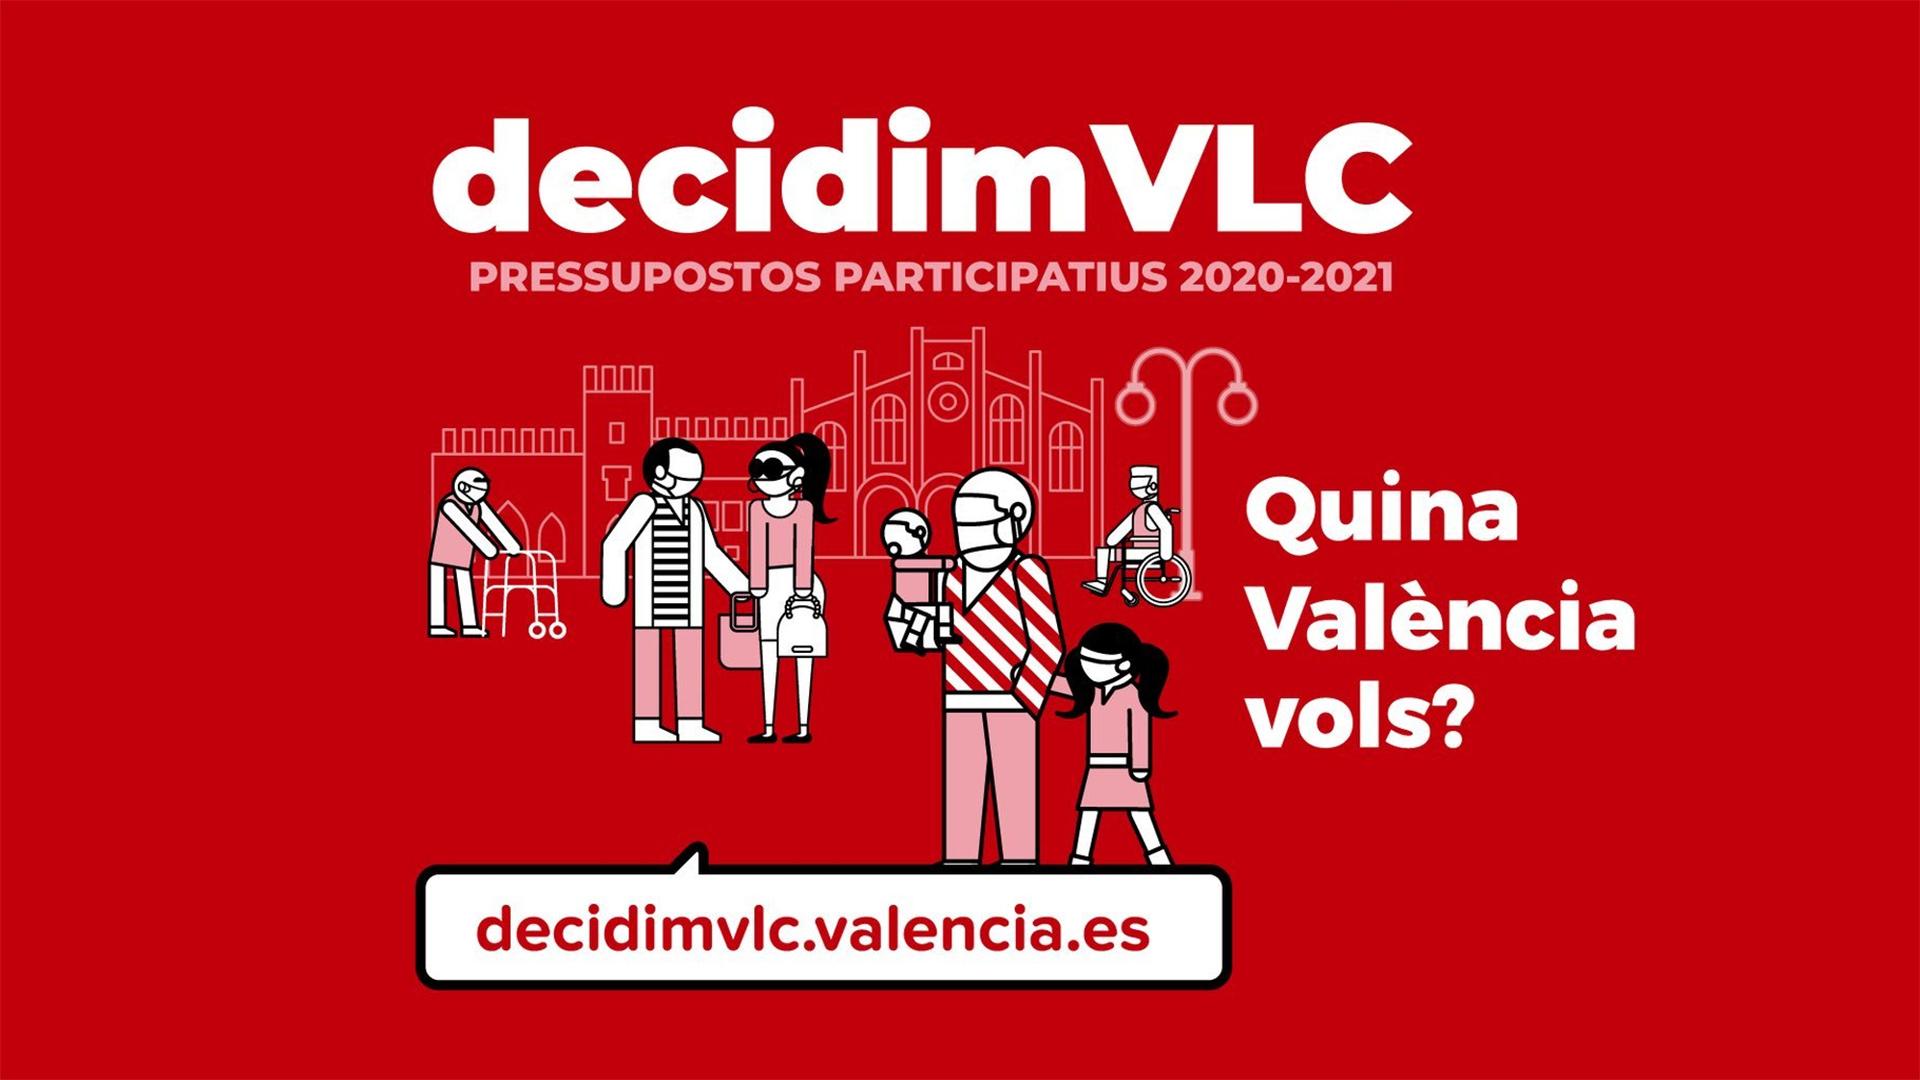 Votación DecidimVLC